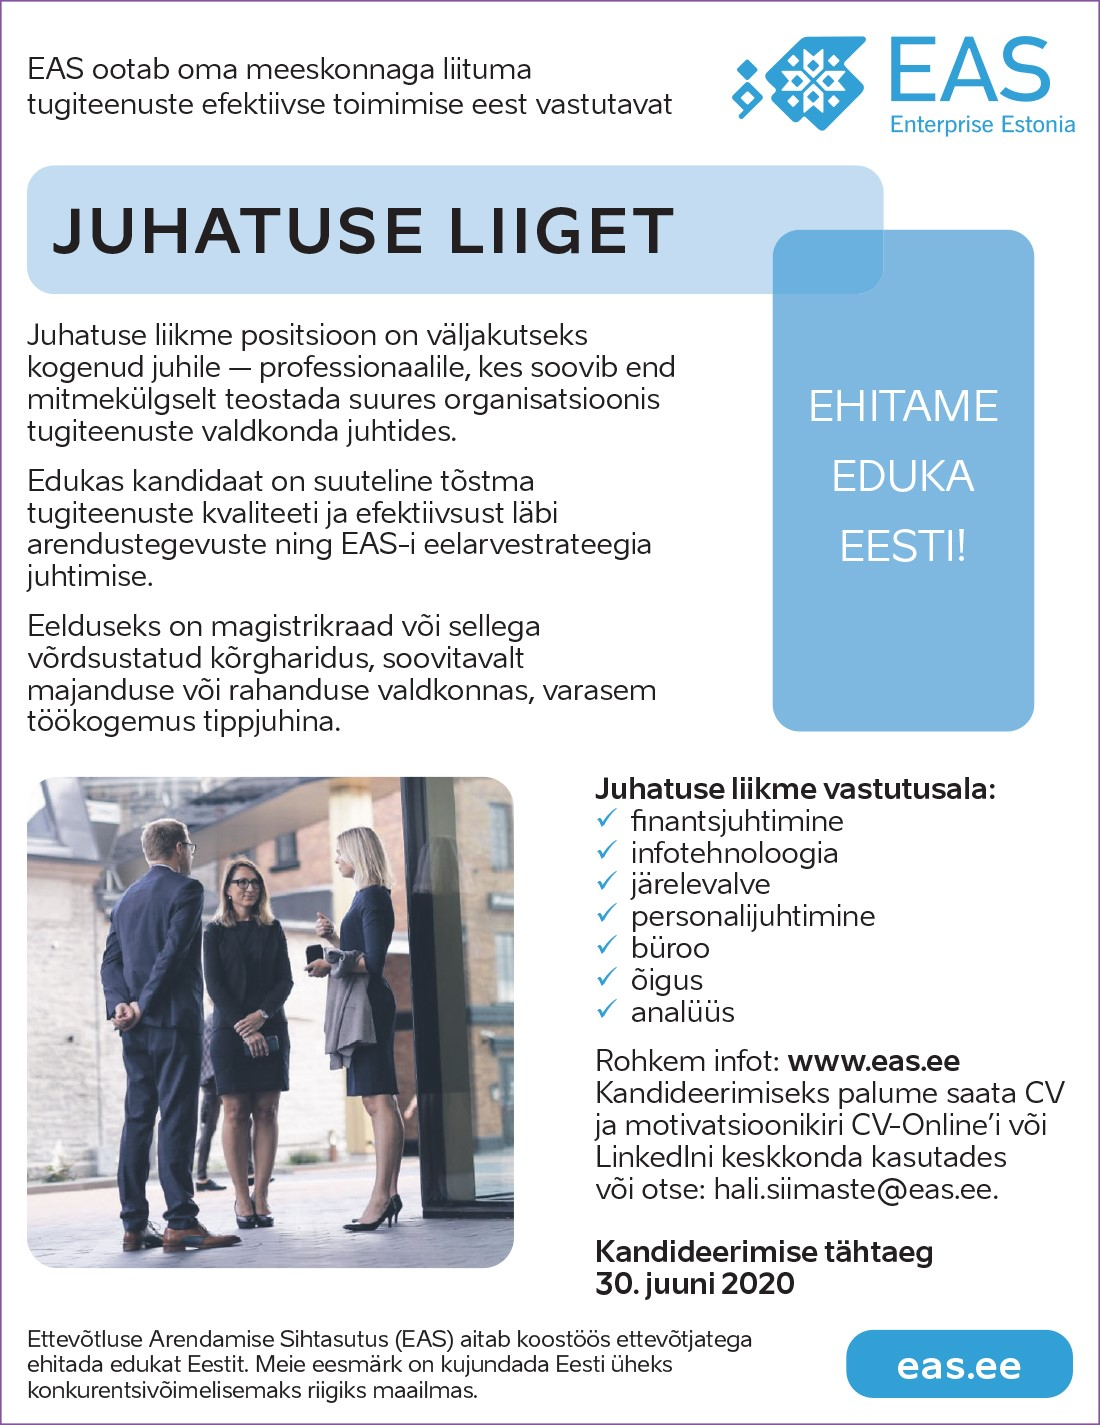 JUHATUSE LIIGE